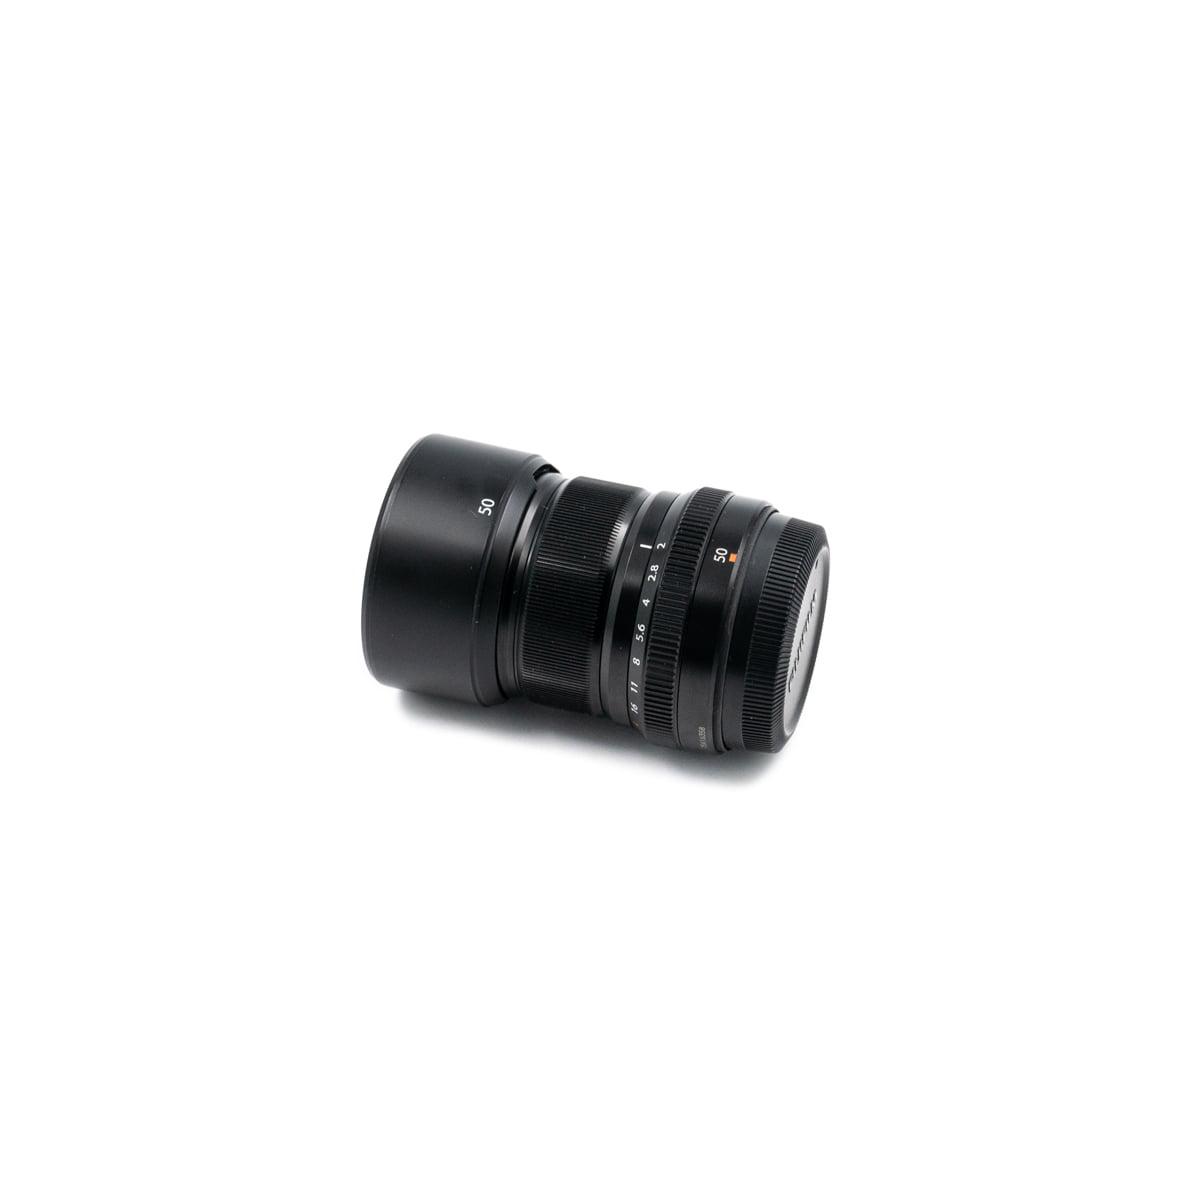 fujinon 50mm f2 1